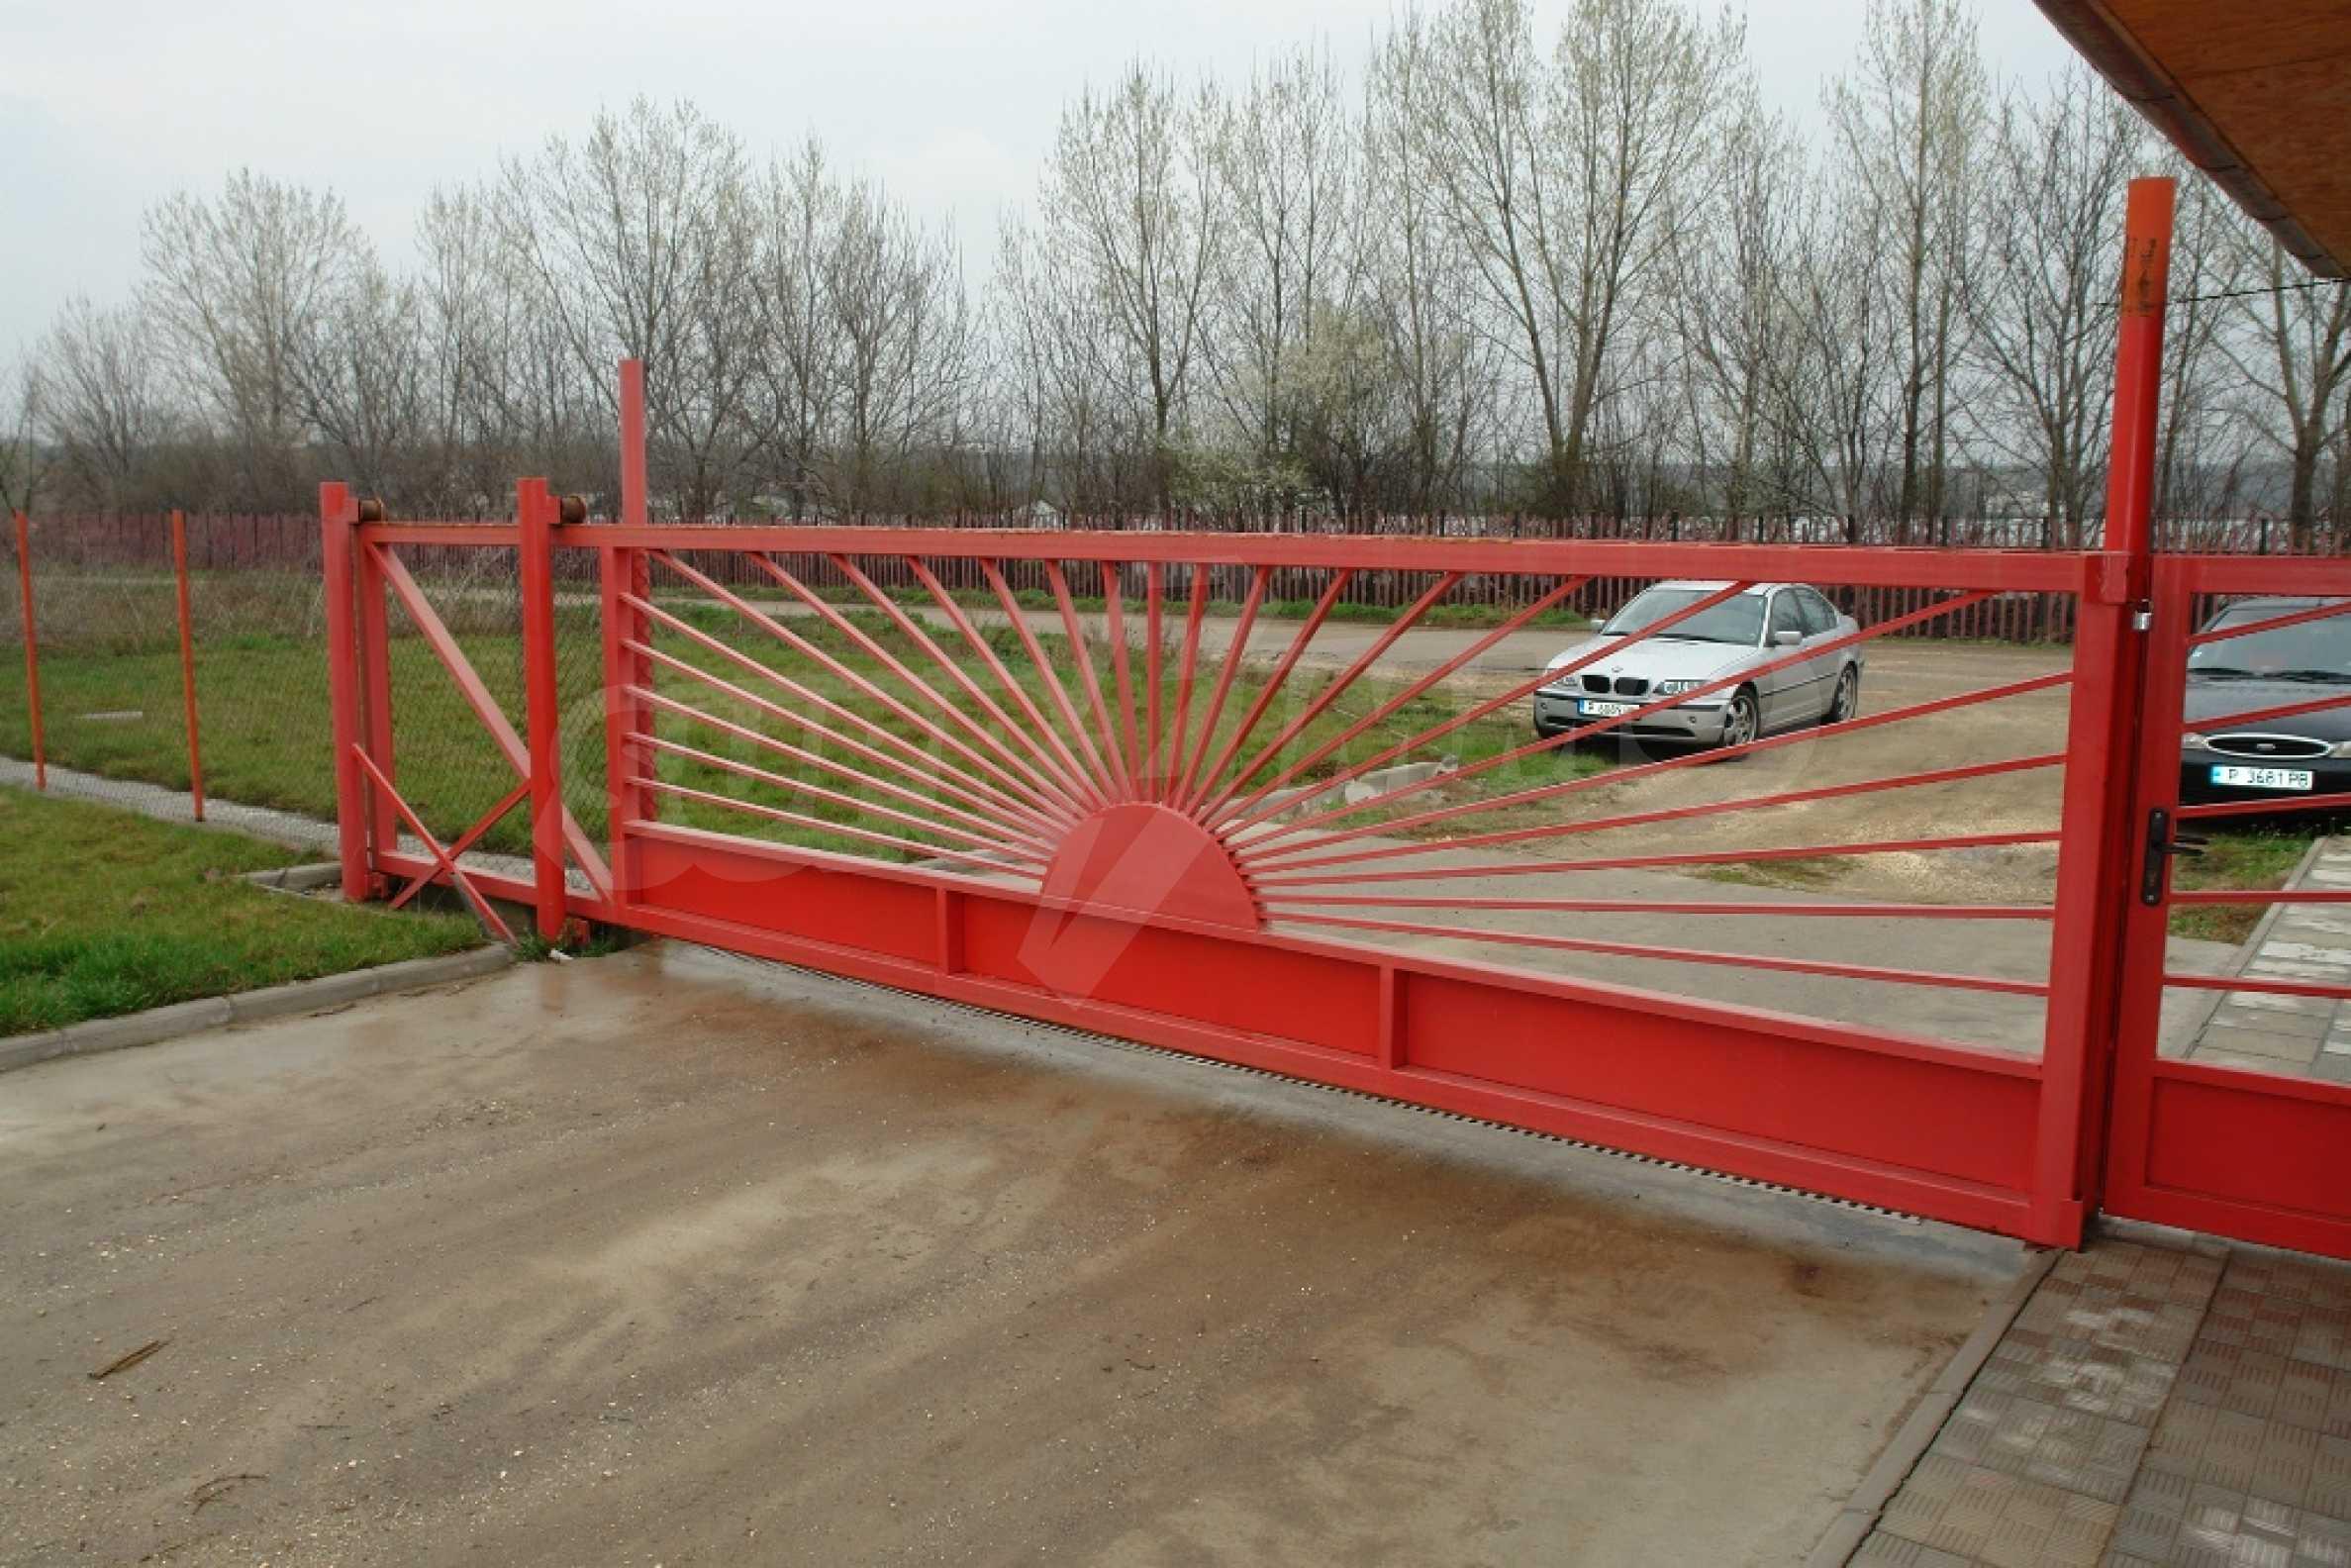 Индустриално-пакетажна база в град Мартен, Русенска област 28